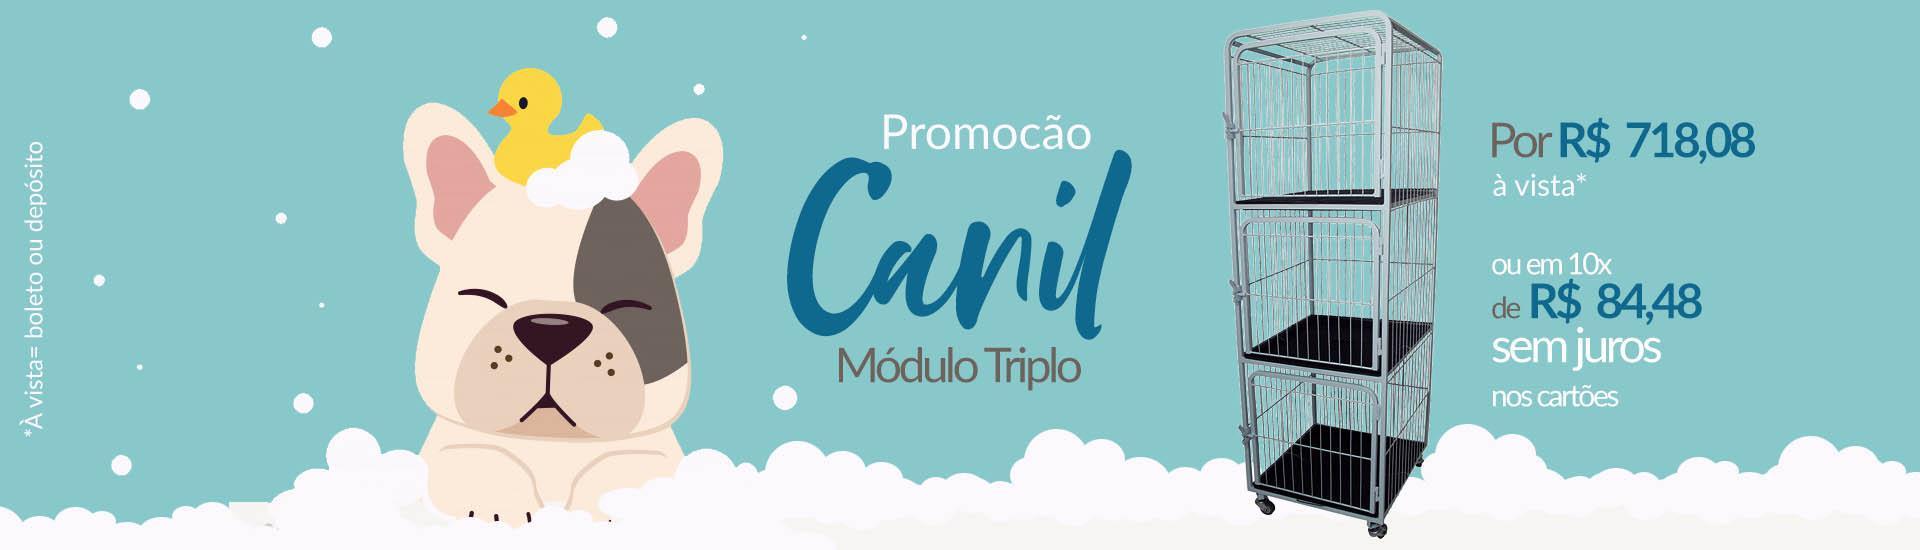 Canil Promoção